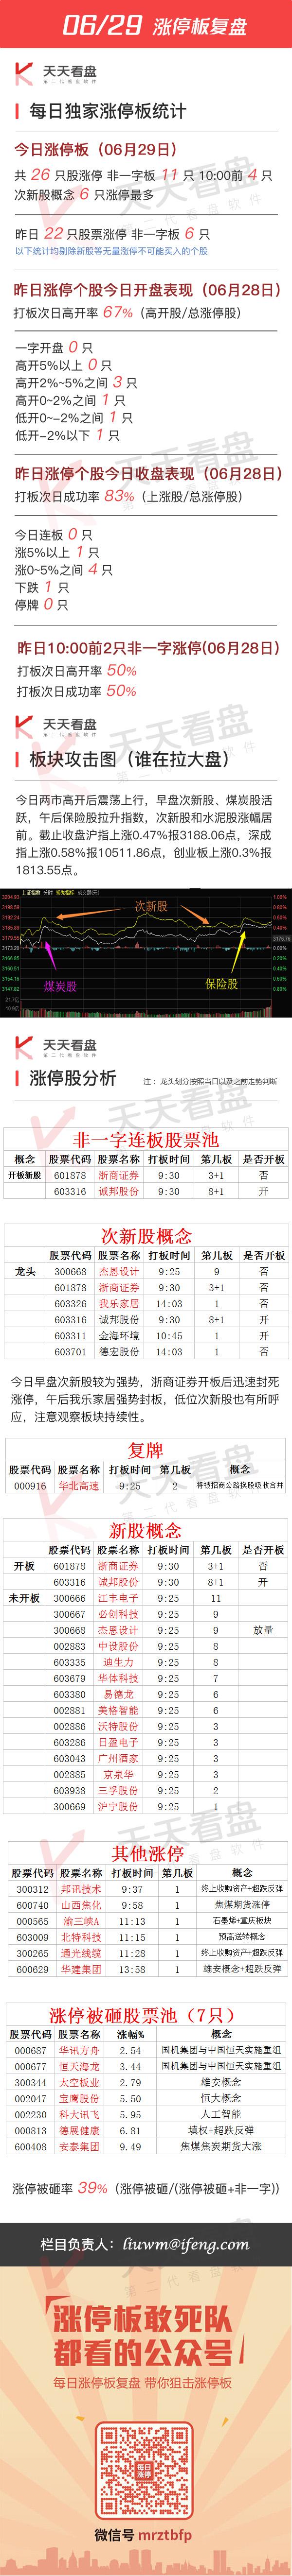 下载地址 为您推荐: 内蒙古同城游戏大厅是一款具有内蒙古地方特色的棋牌游戏平台,平台拥有打大A、赤峰对调、红A等多款内蒙古地方游戏,其经典的内蒙玩法、地道方言.河南彩民独中双色球3.599亿! 河南彩民独中双色球3.599亿,包揽93注头奖中的88注,创 彩票史新纪录 在2009.10.8日晚开奖的双色球第2009118期中,双色球开出93注头奖.呼和浩特同城游戏大厅下载 v28.5官方版_内蒙古同城游 - pc6下载站